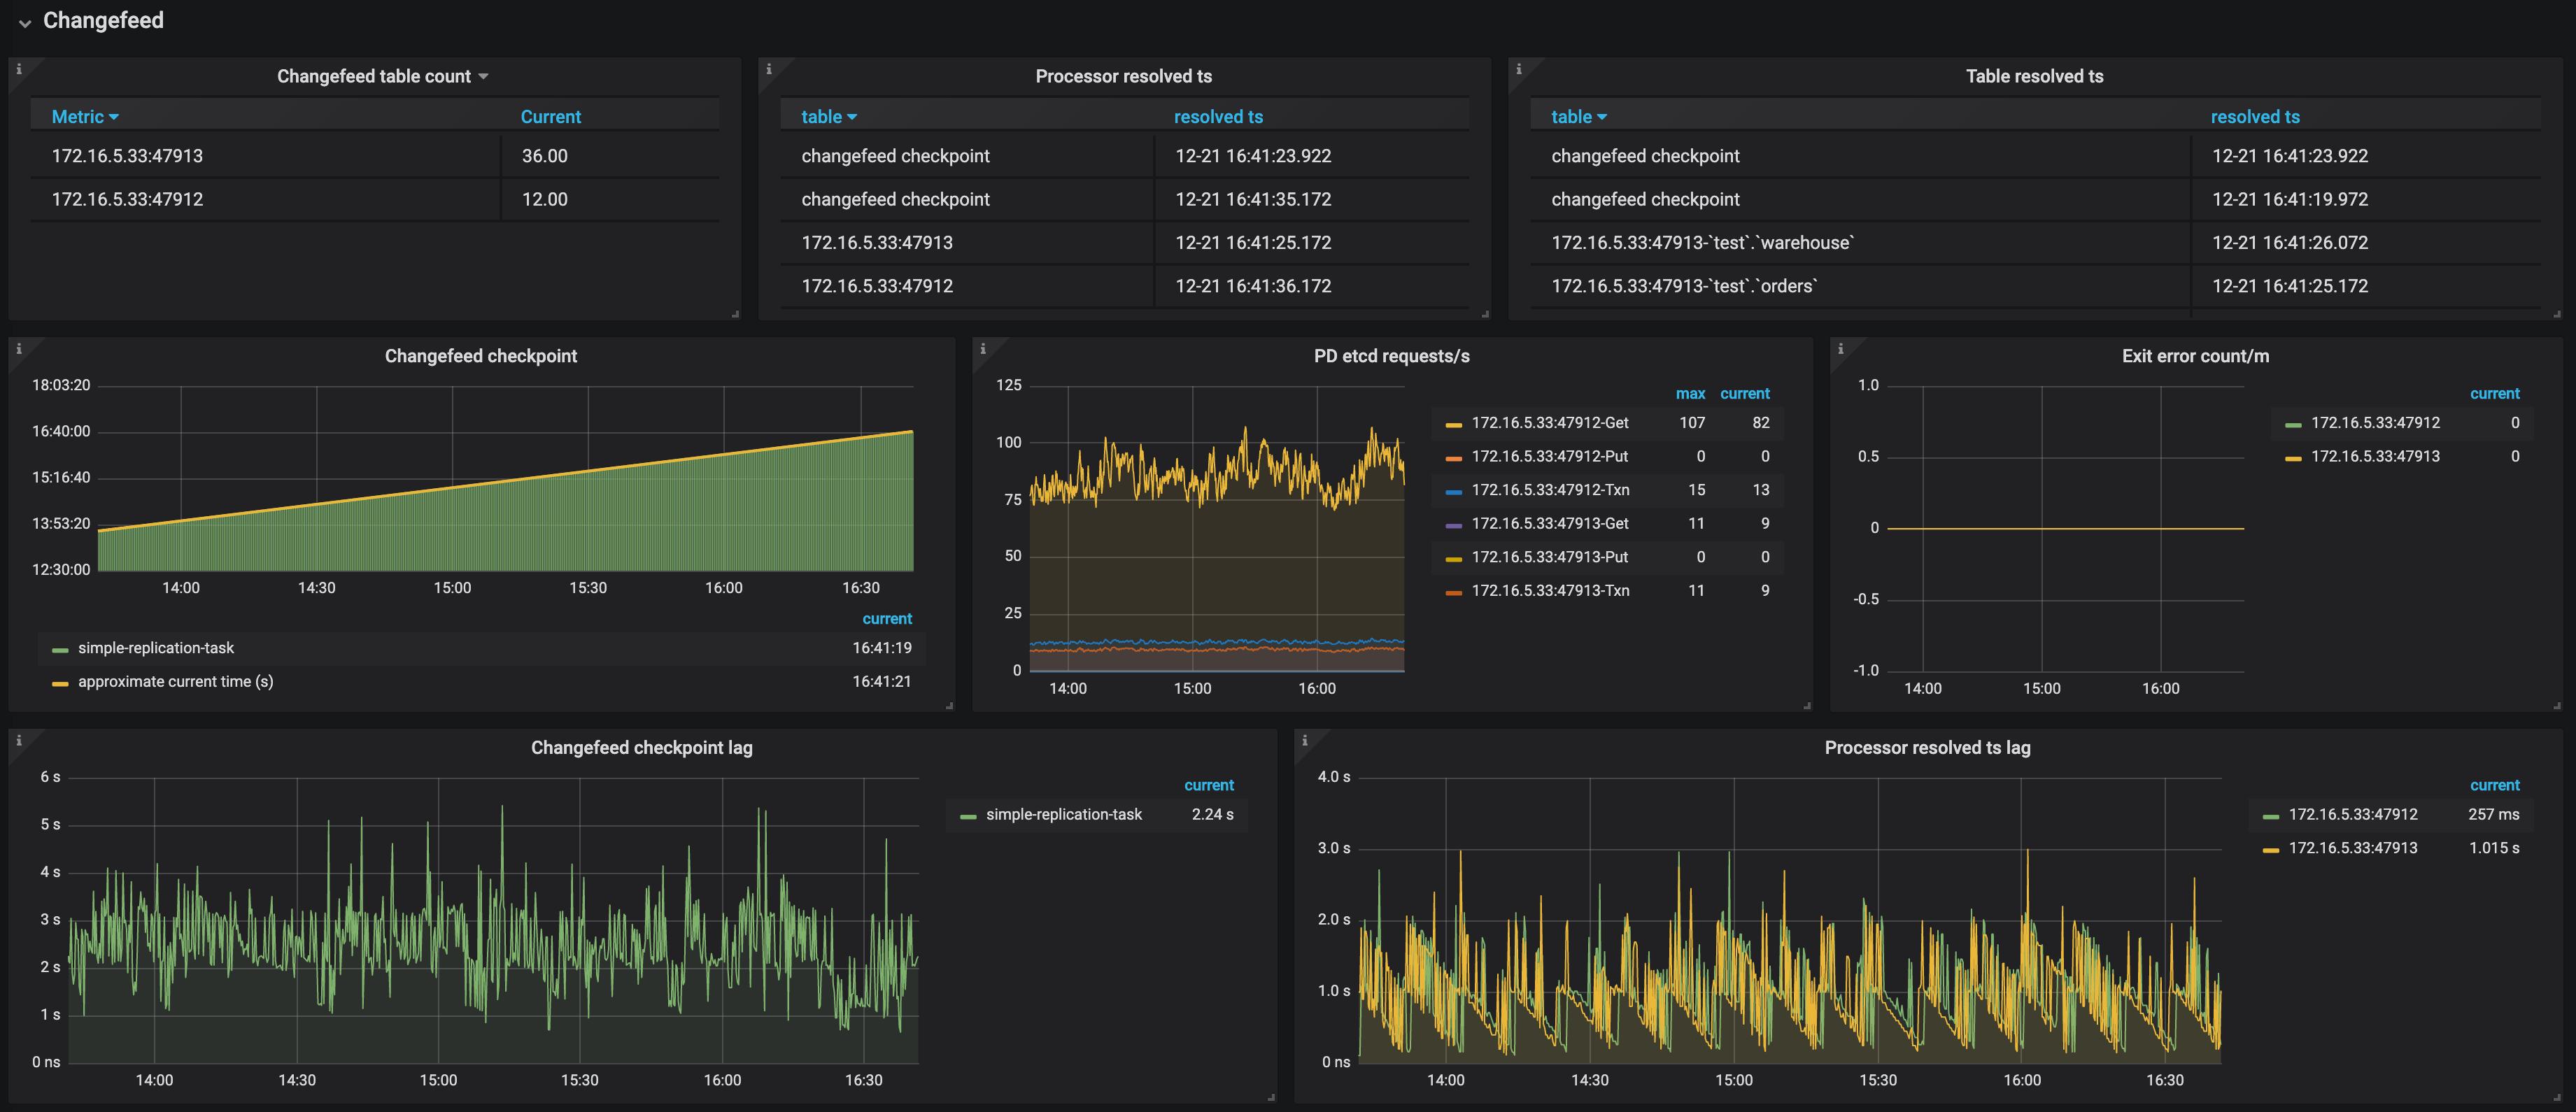 TiCDC Dashboard - Changefeed metrics 1